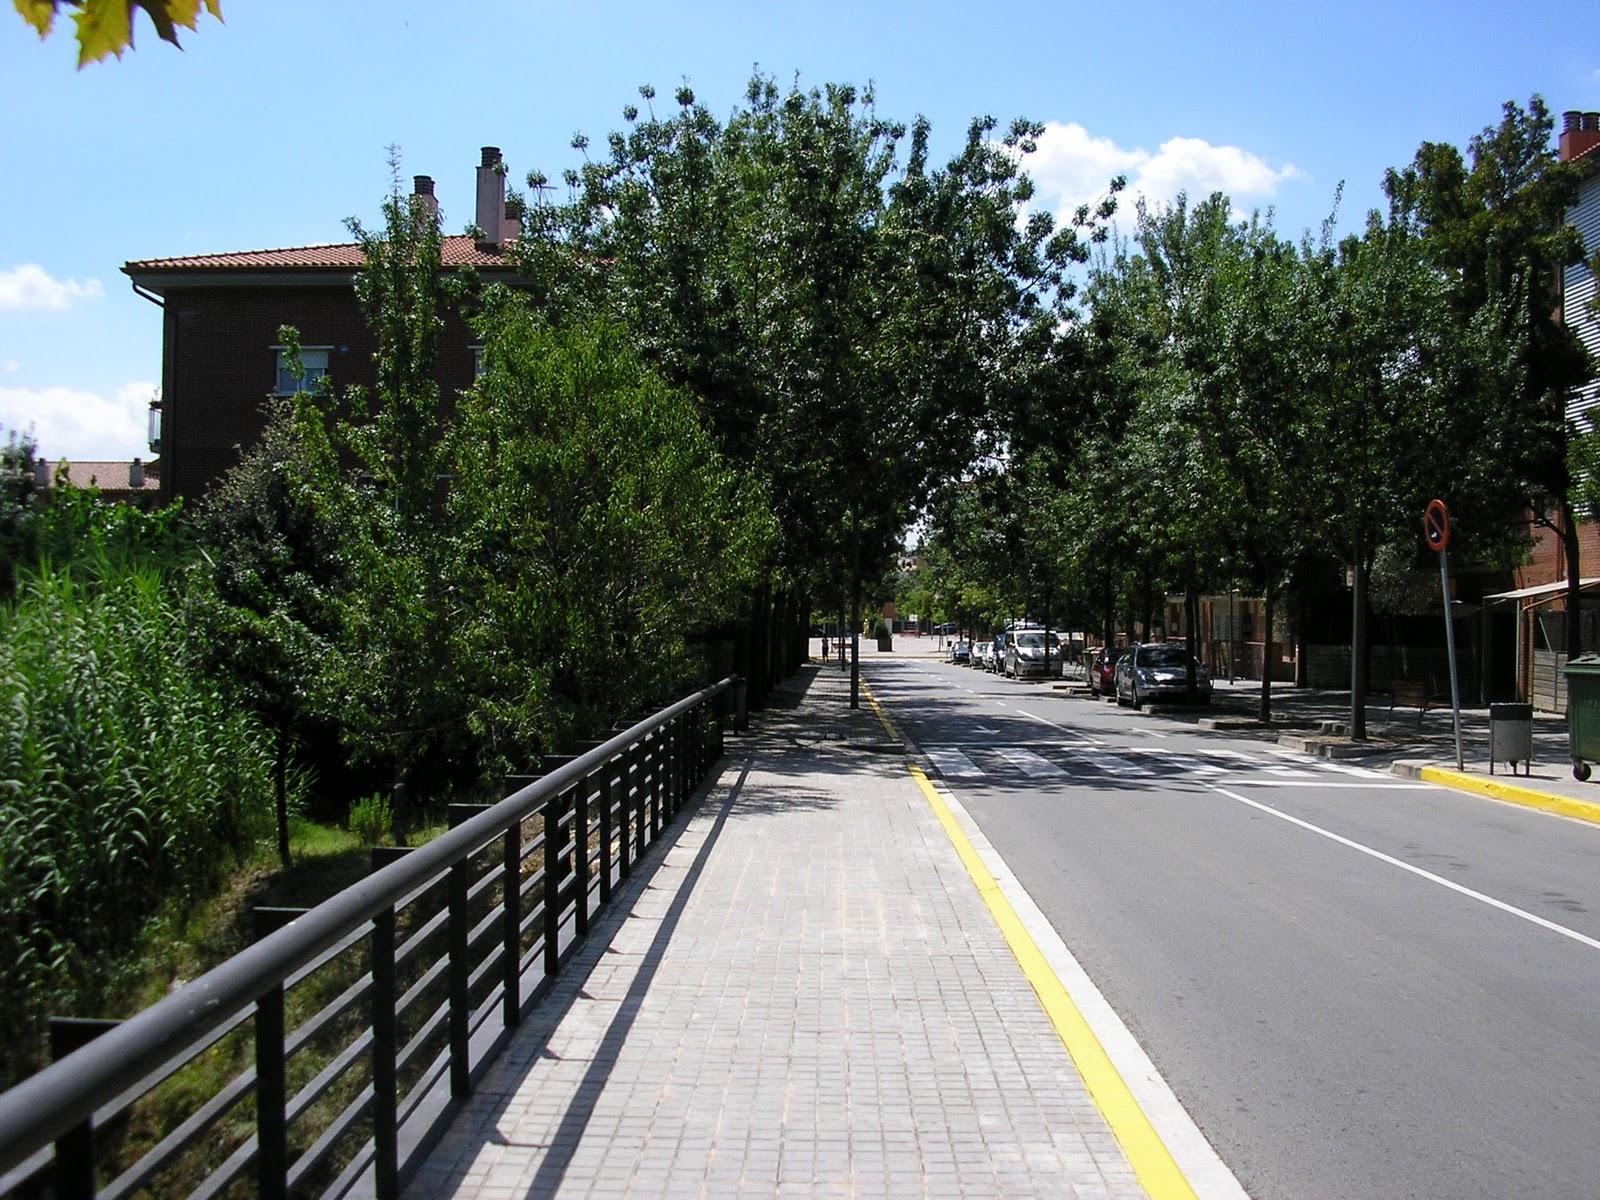 Casas baratas en barcelona pisos con jardin barcelona for Casas baratas en barcelona